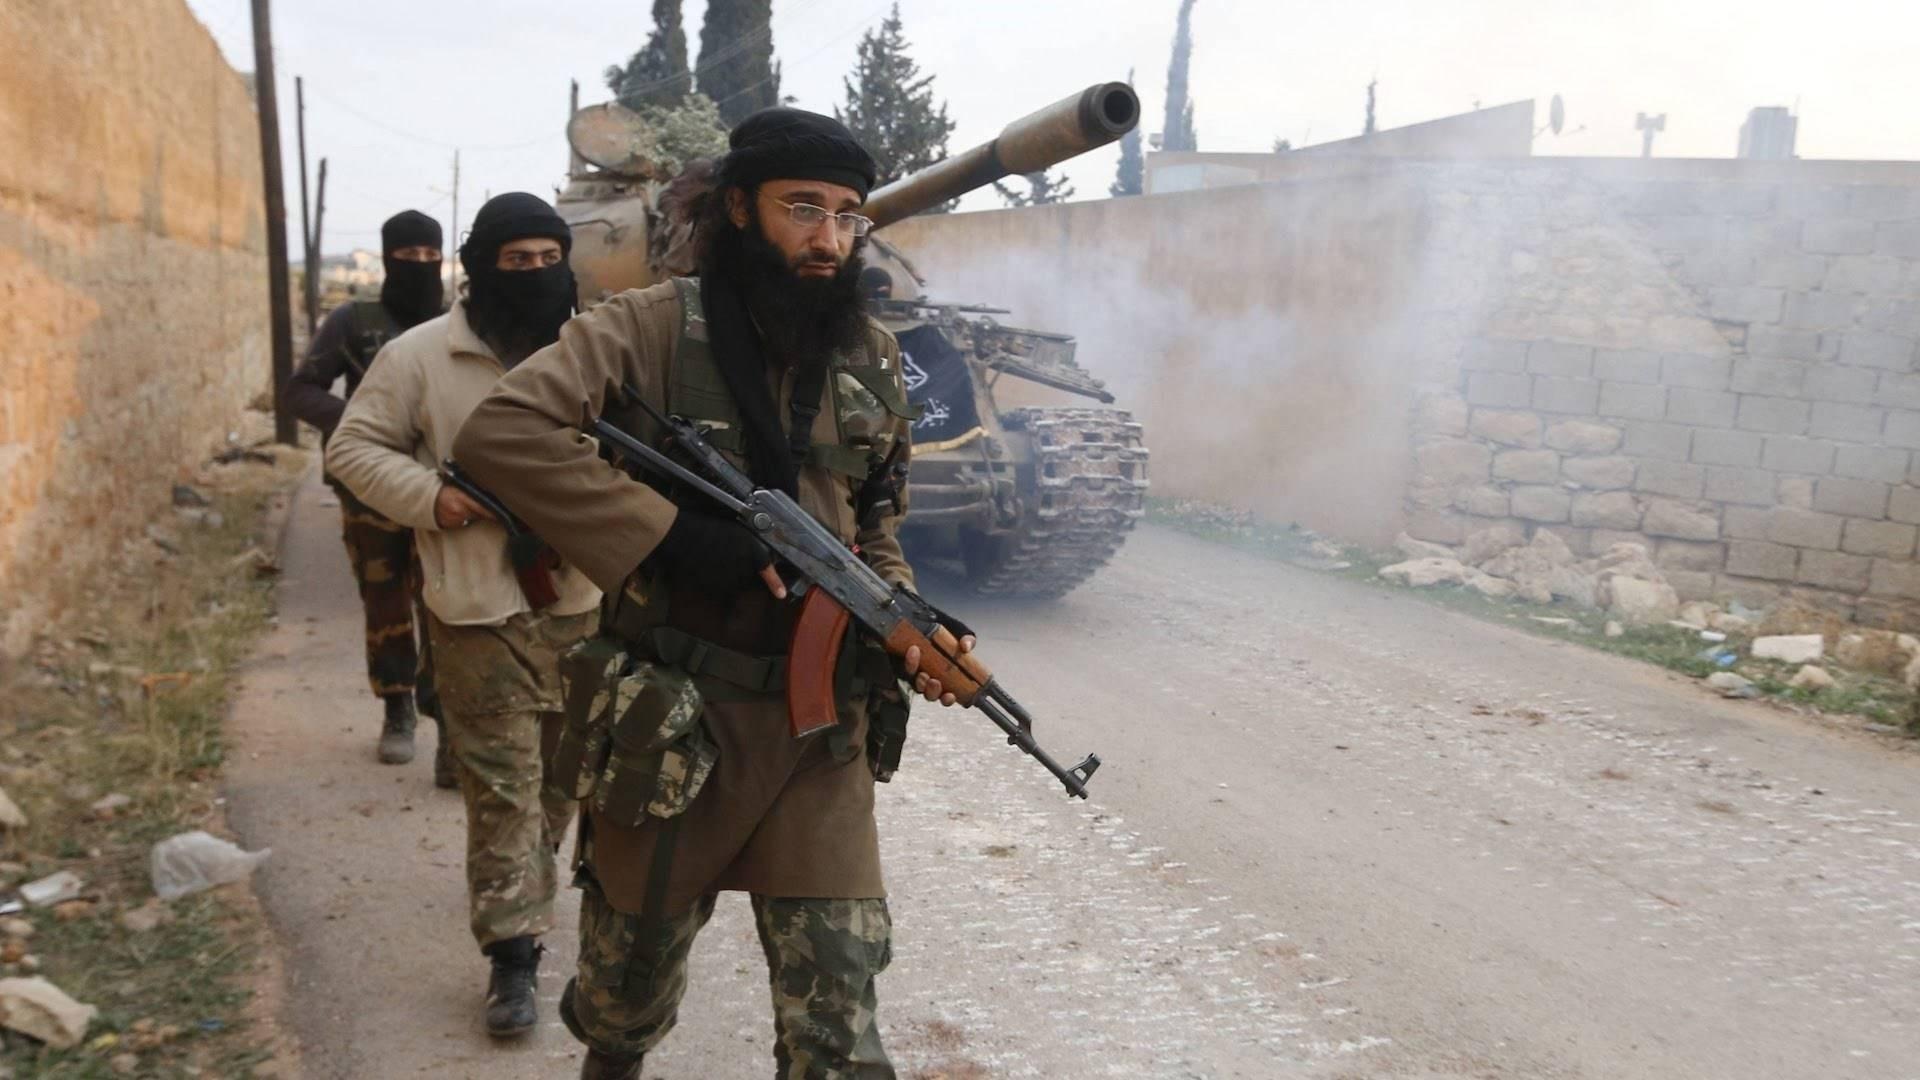 الهجمات التي نفذتها عناصر جبهة النصرة استهدفت مناطق في حلب، وإدلب، و اللاذقية، وحماة